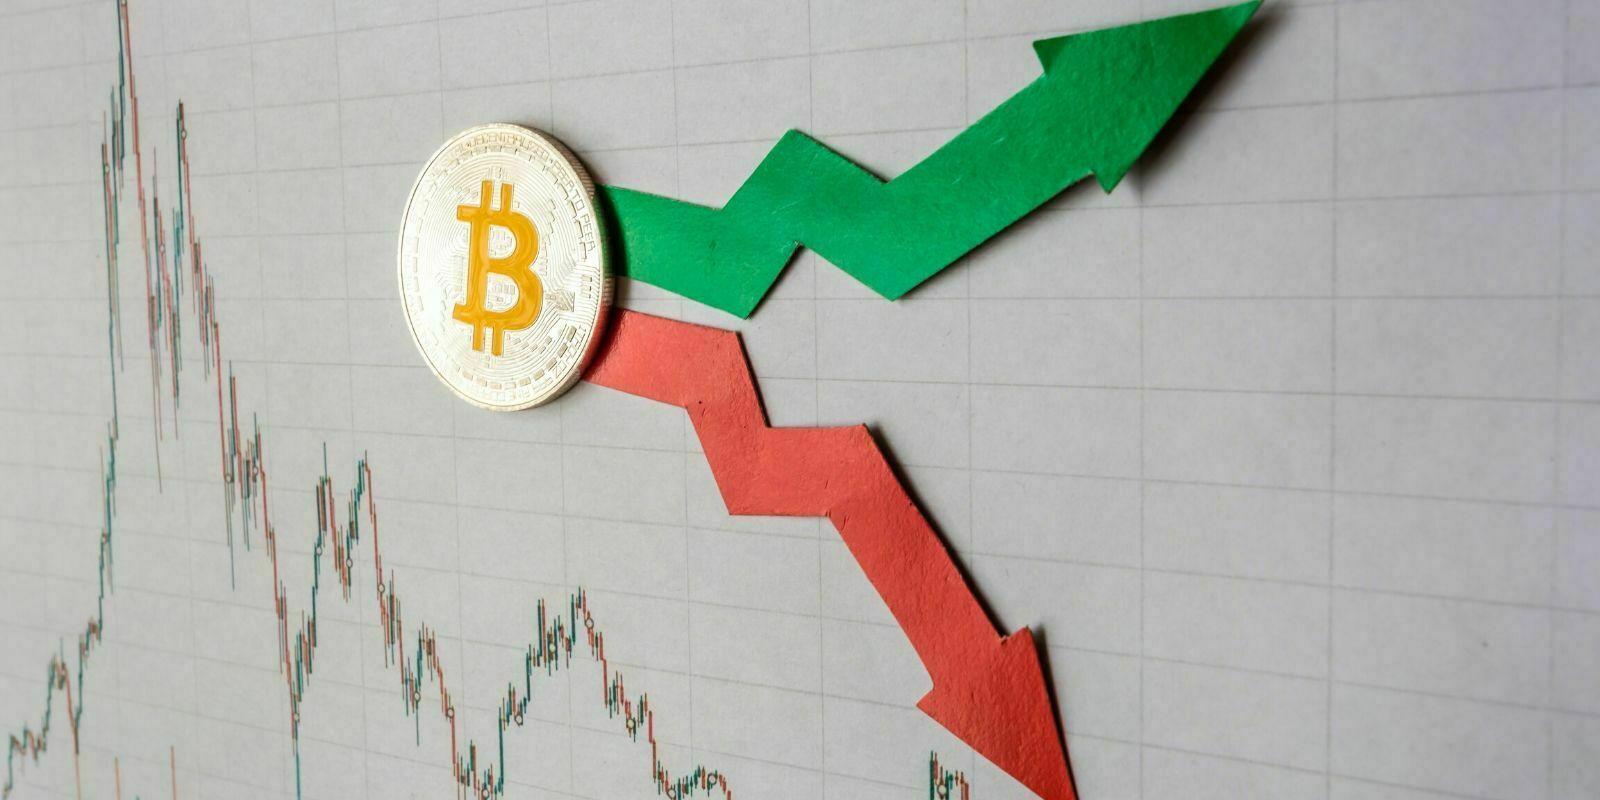 Le Bitcoin de retour au niveau des 9500$ sur fond d'incertitude